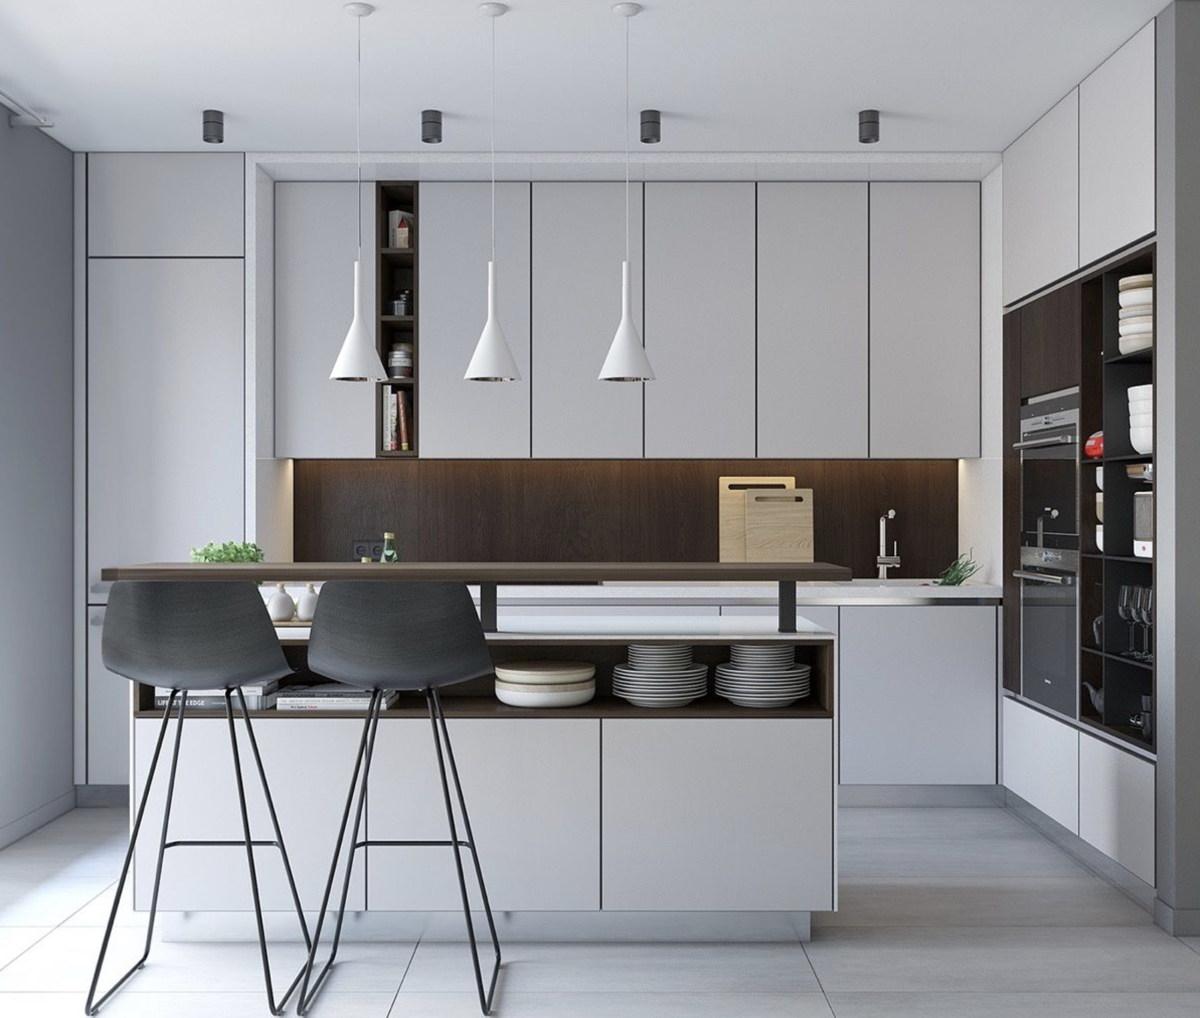 arredare-cucina-7-errori-comuni-semplici-da-risolvere-3